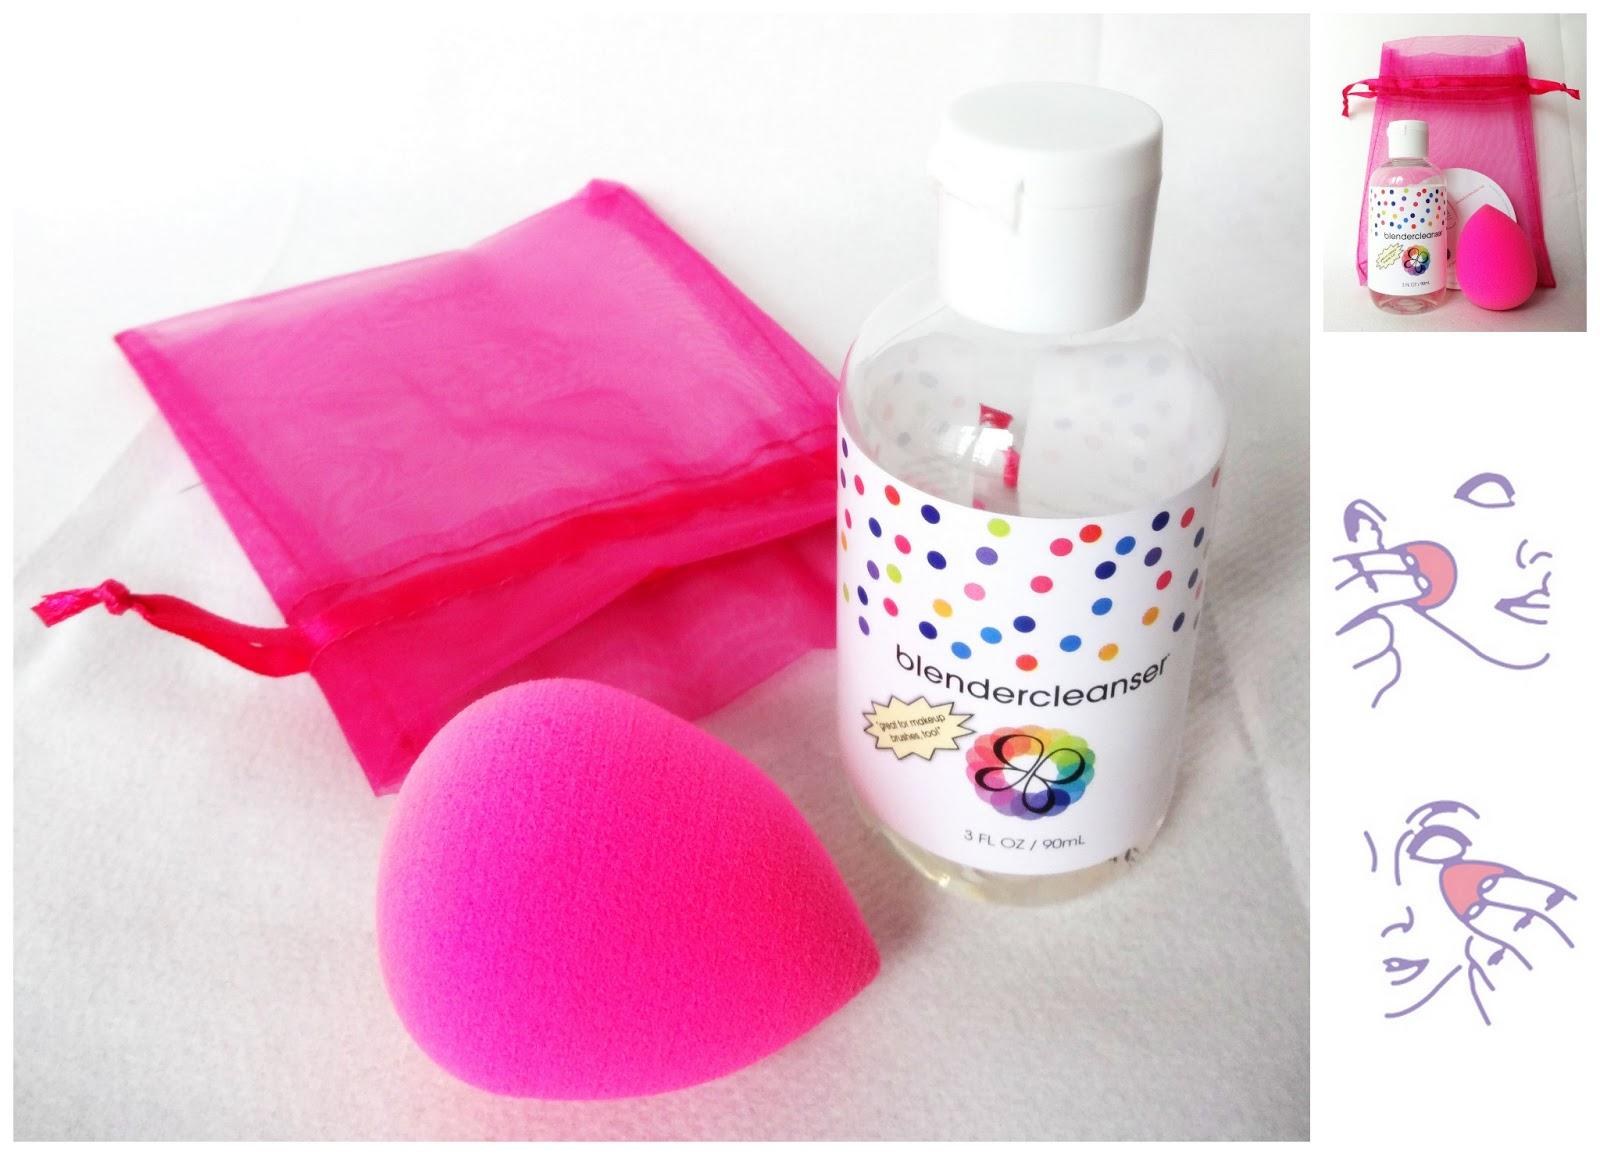 Beautyblender original pinkes Beauty Schwämmchen